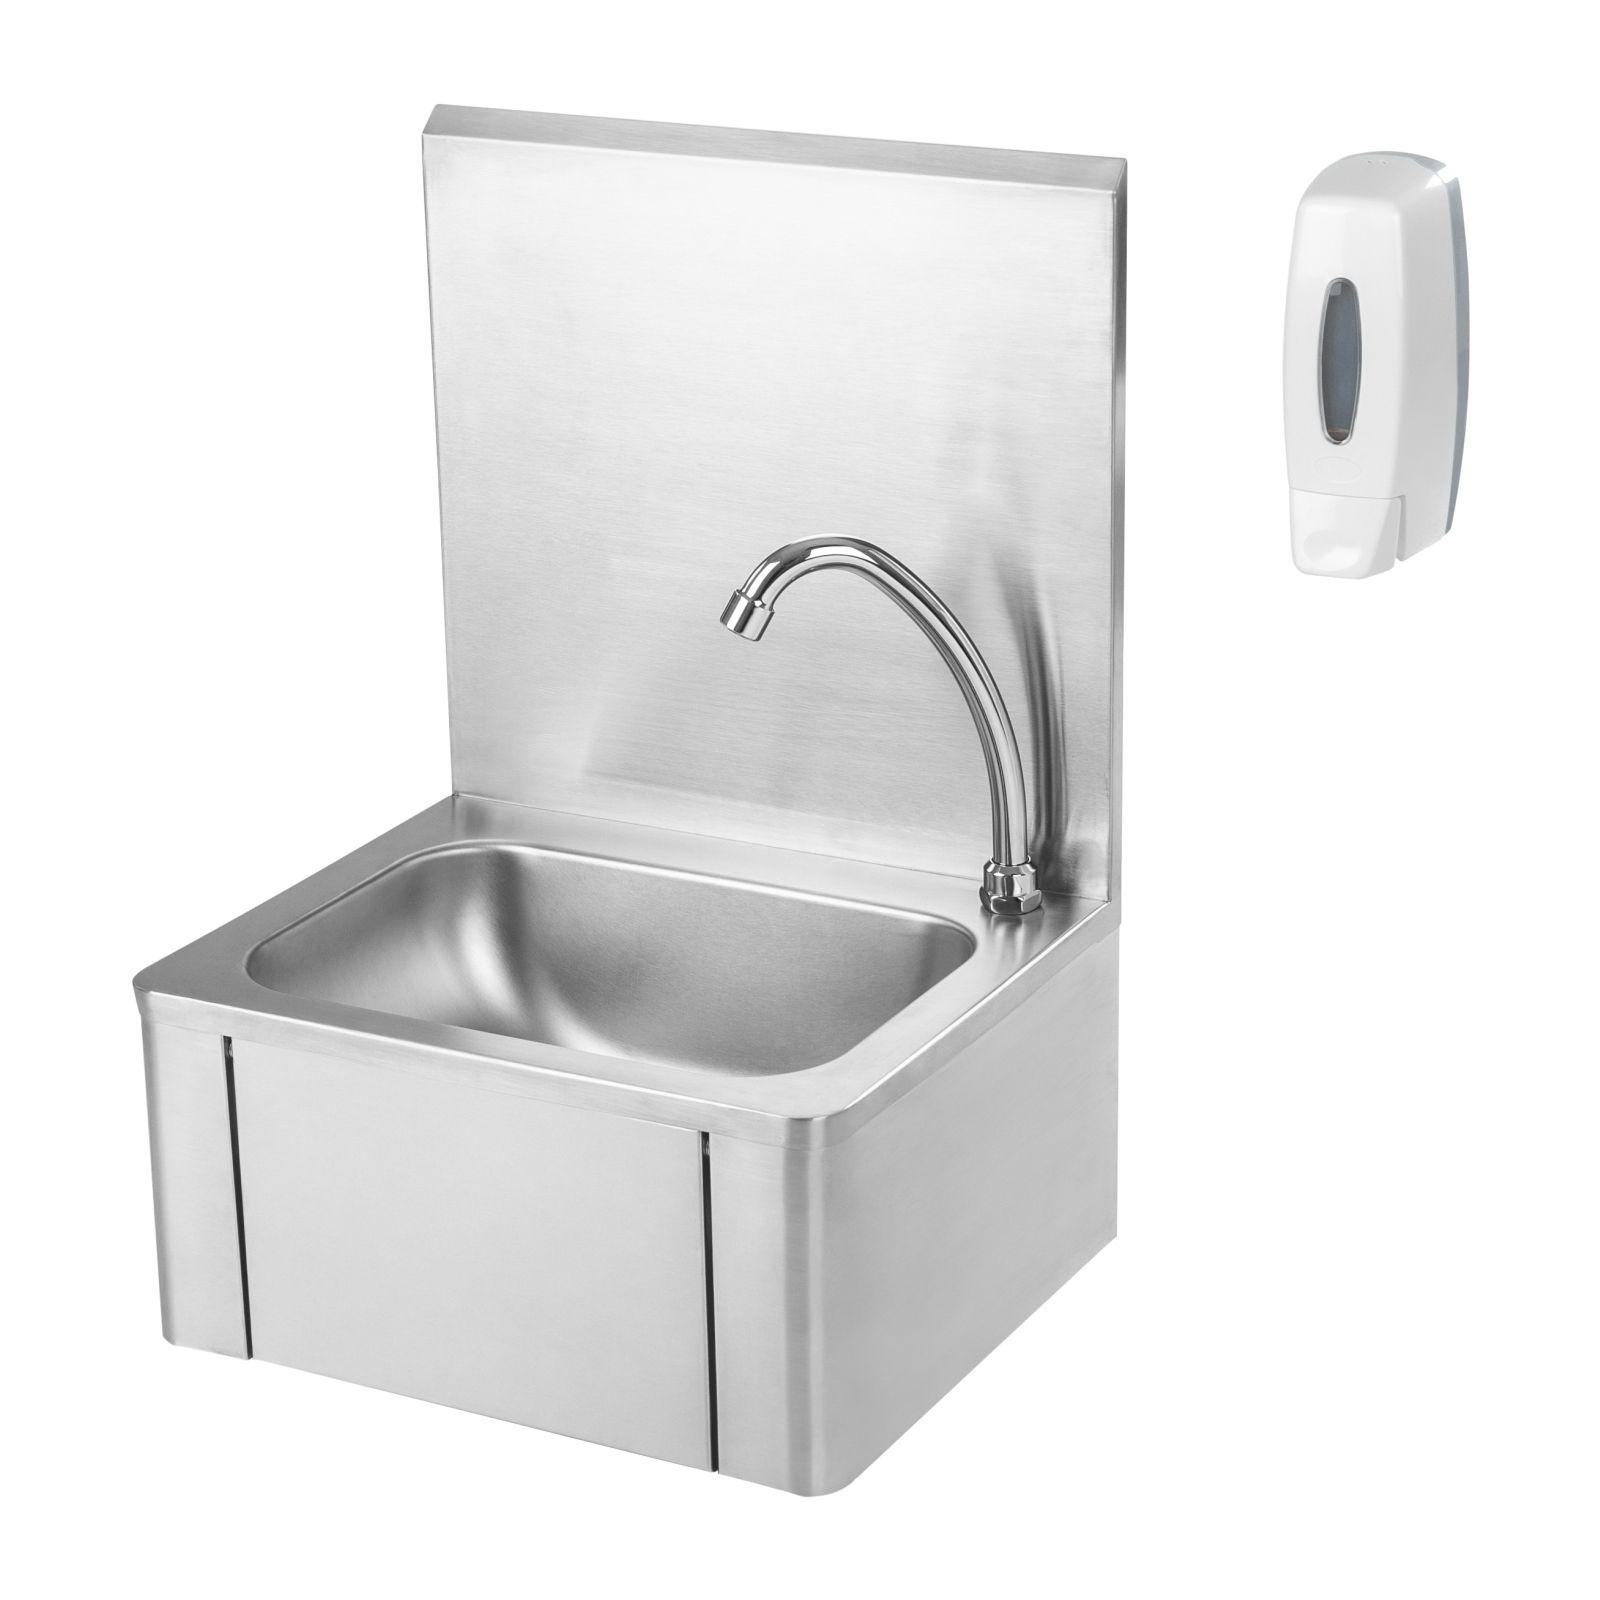 Waschbecken Edelstahl knie kontakt handwaschbecken spülbecken waschbecken edelstahl